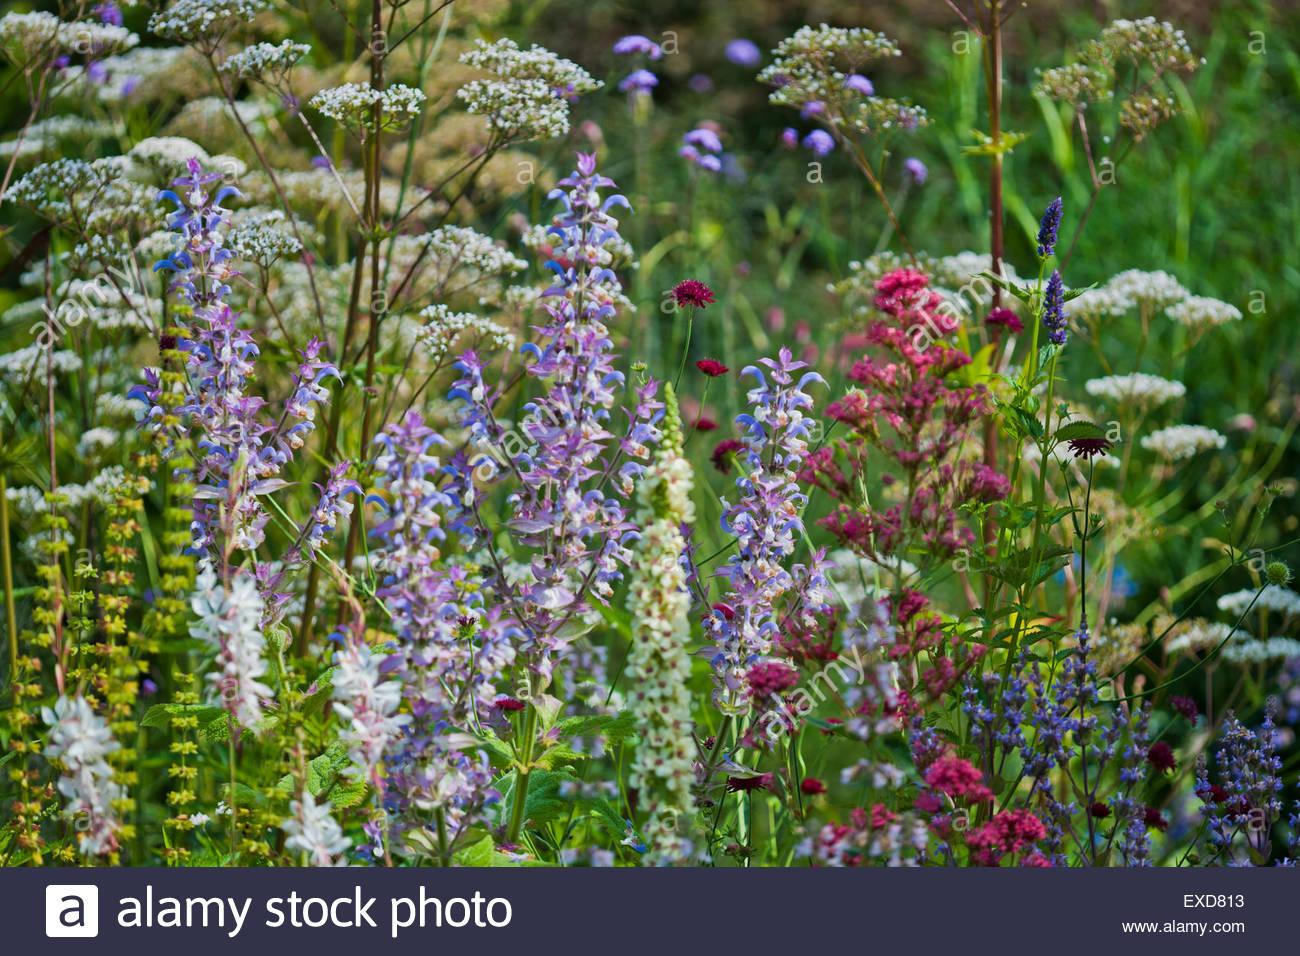 Mixed border perennials - Stock Image